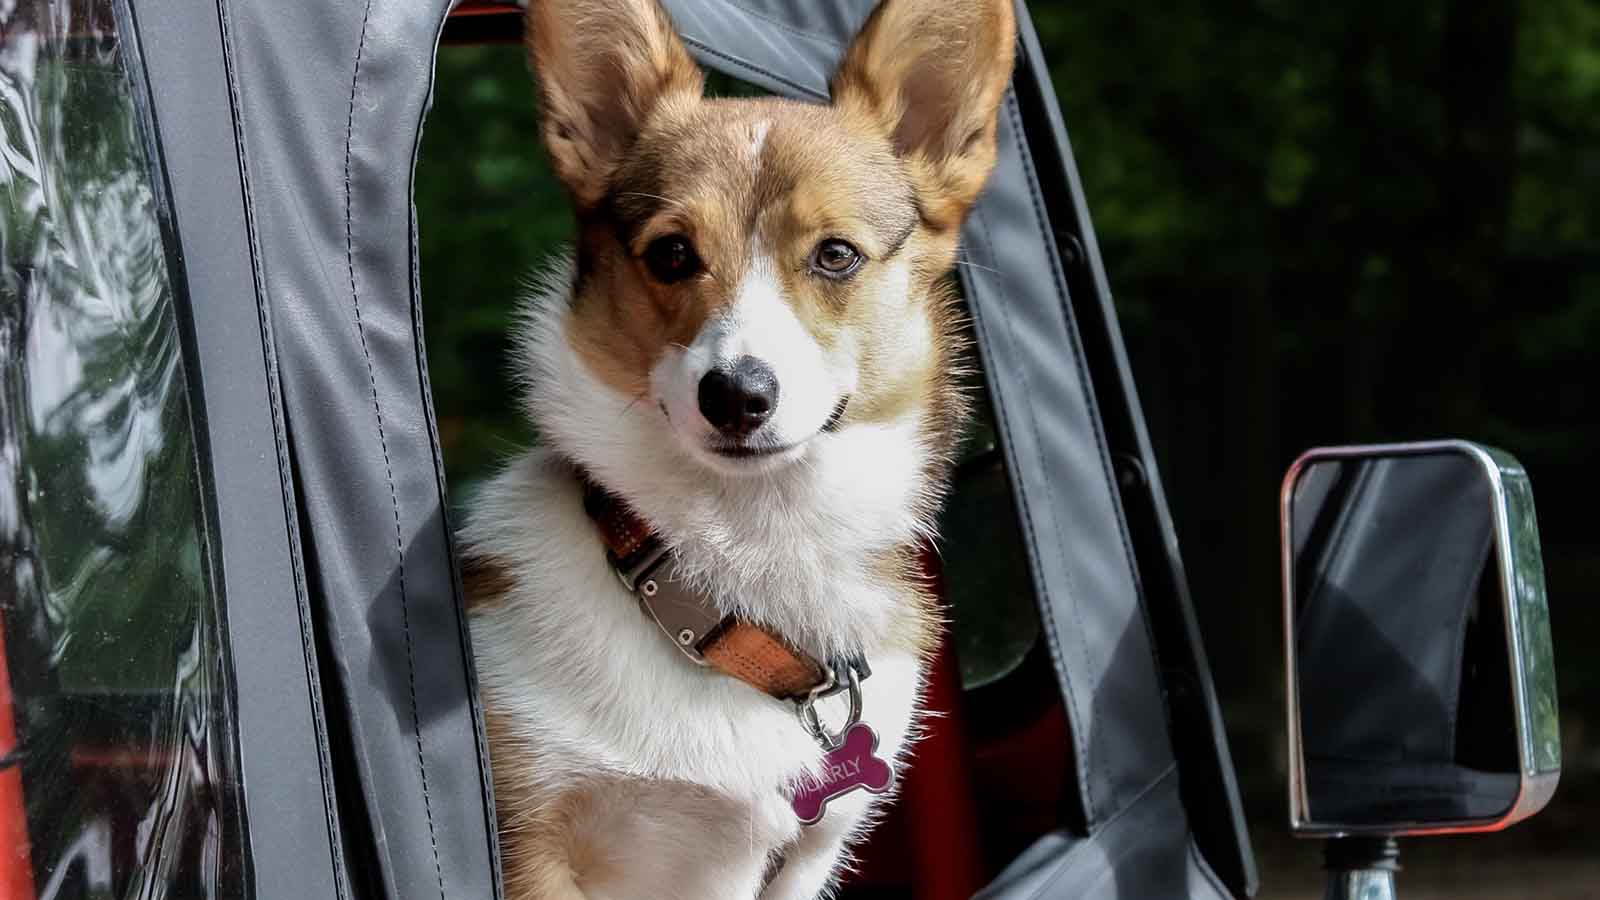 Viaggiare con il cane, ecco cosa bisogna sapere per una vacanza perfetta